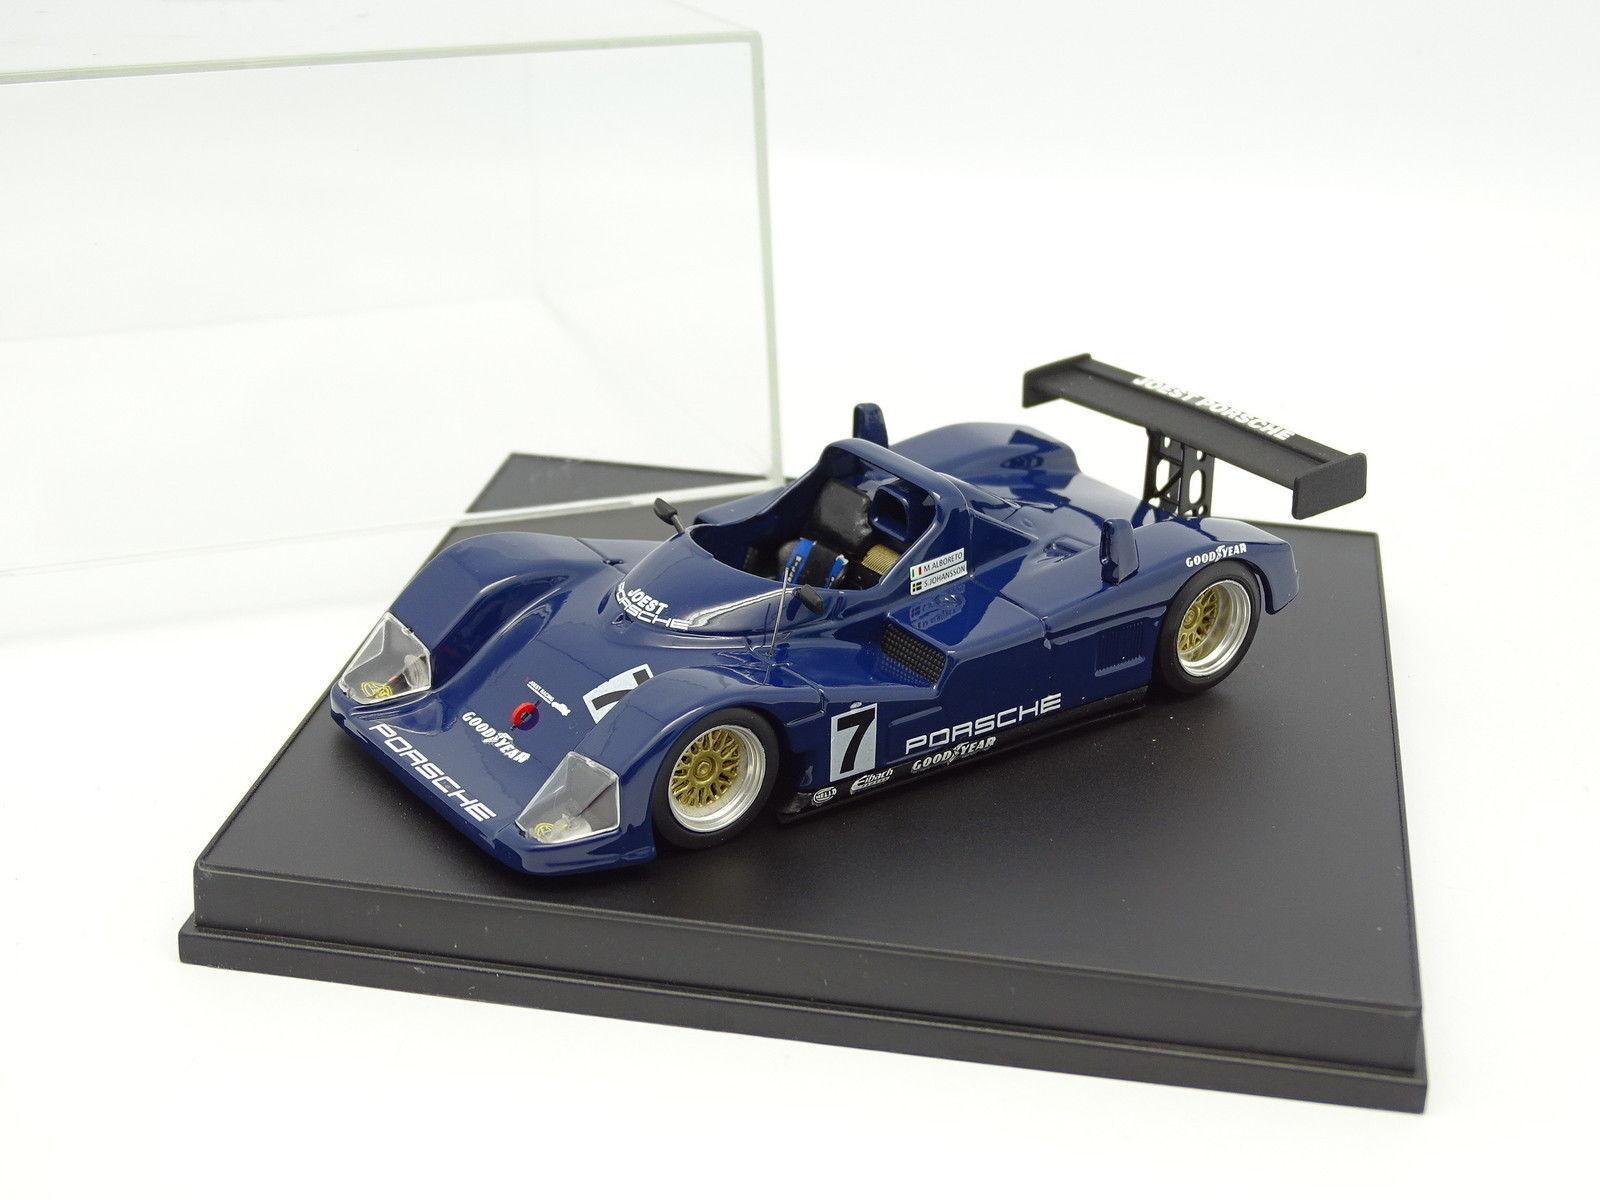 Trofeu 1 43 - Joest Porsche Test Day Le Mans 1997